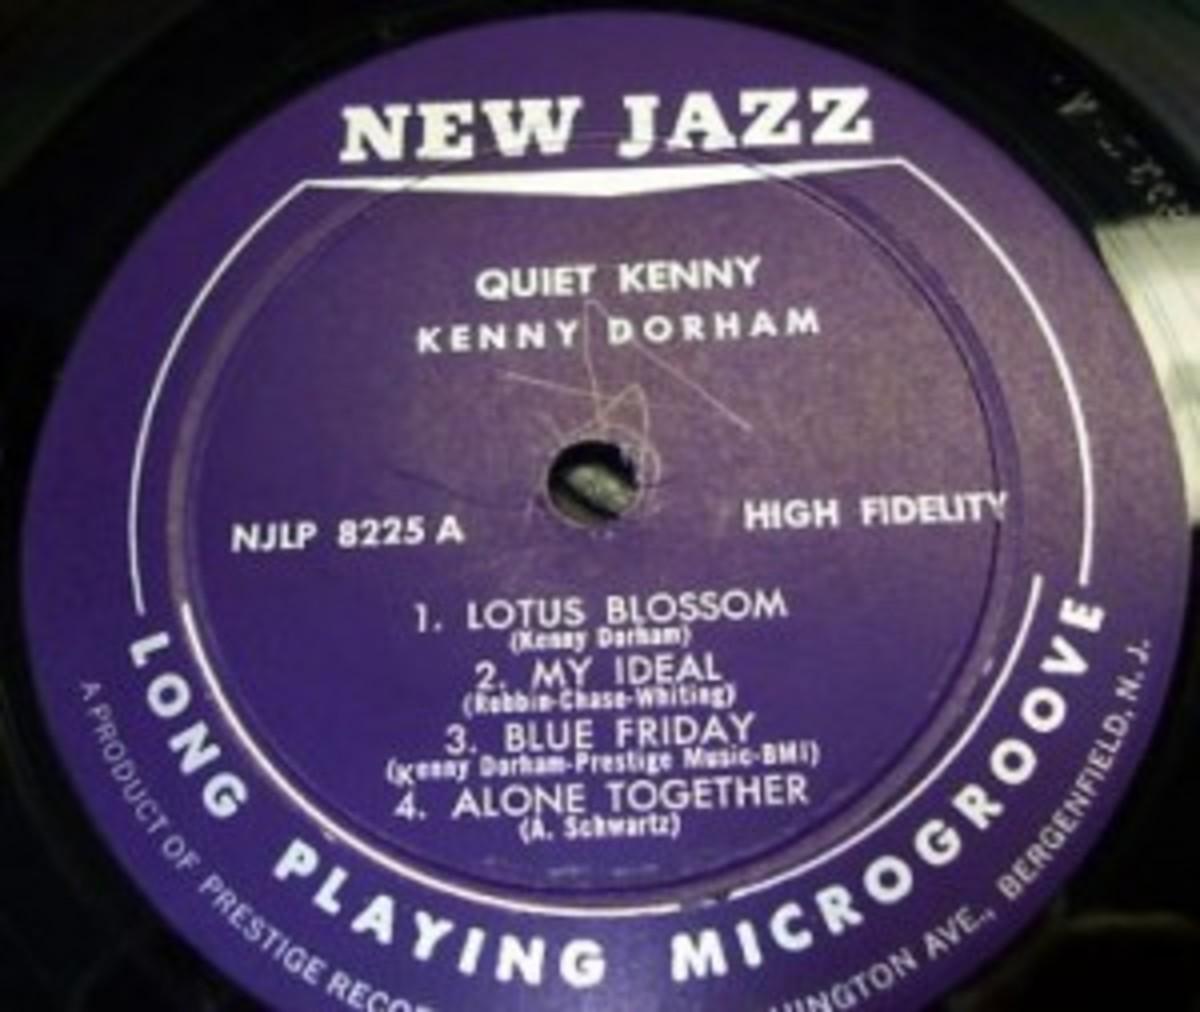 Quiet Kenny On New Jazz